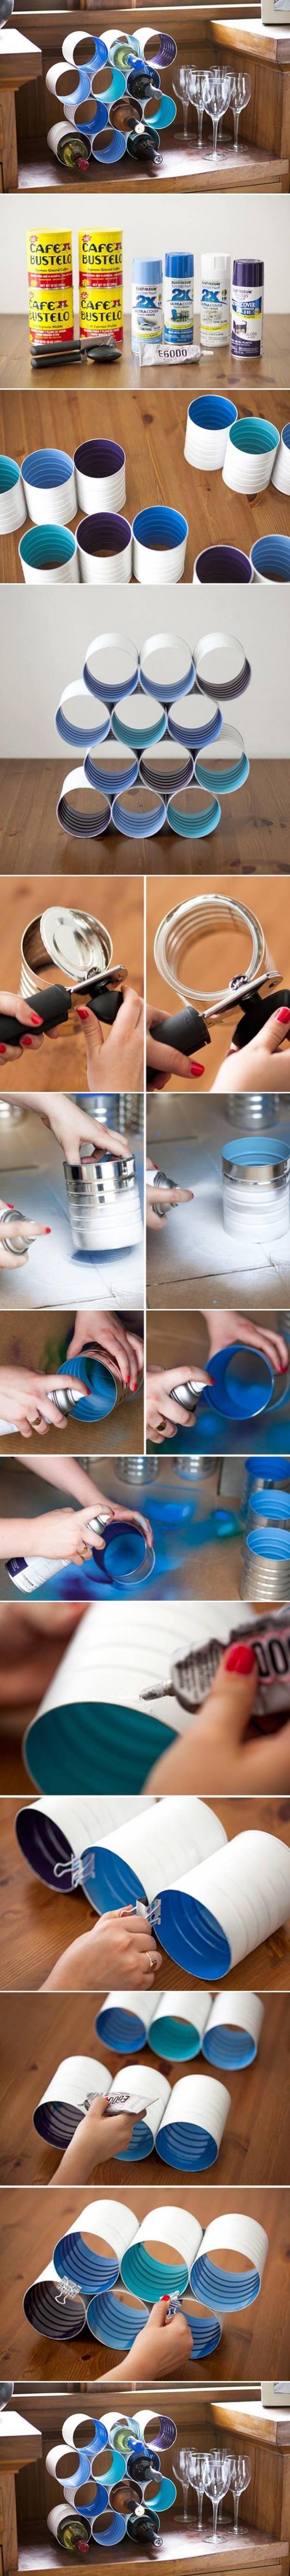 Fabriquer un présentoir à bouteille avec des boites de conserves.